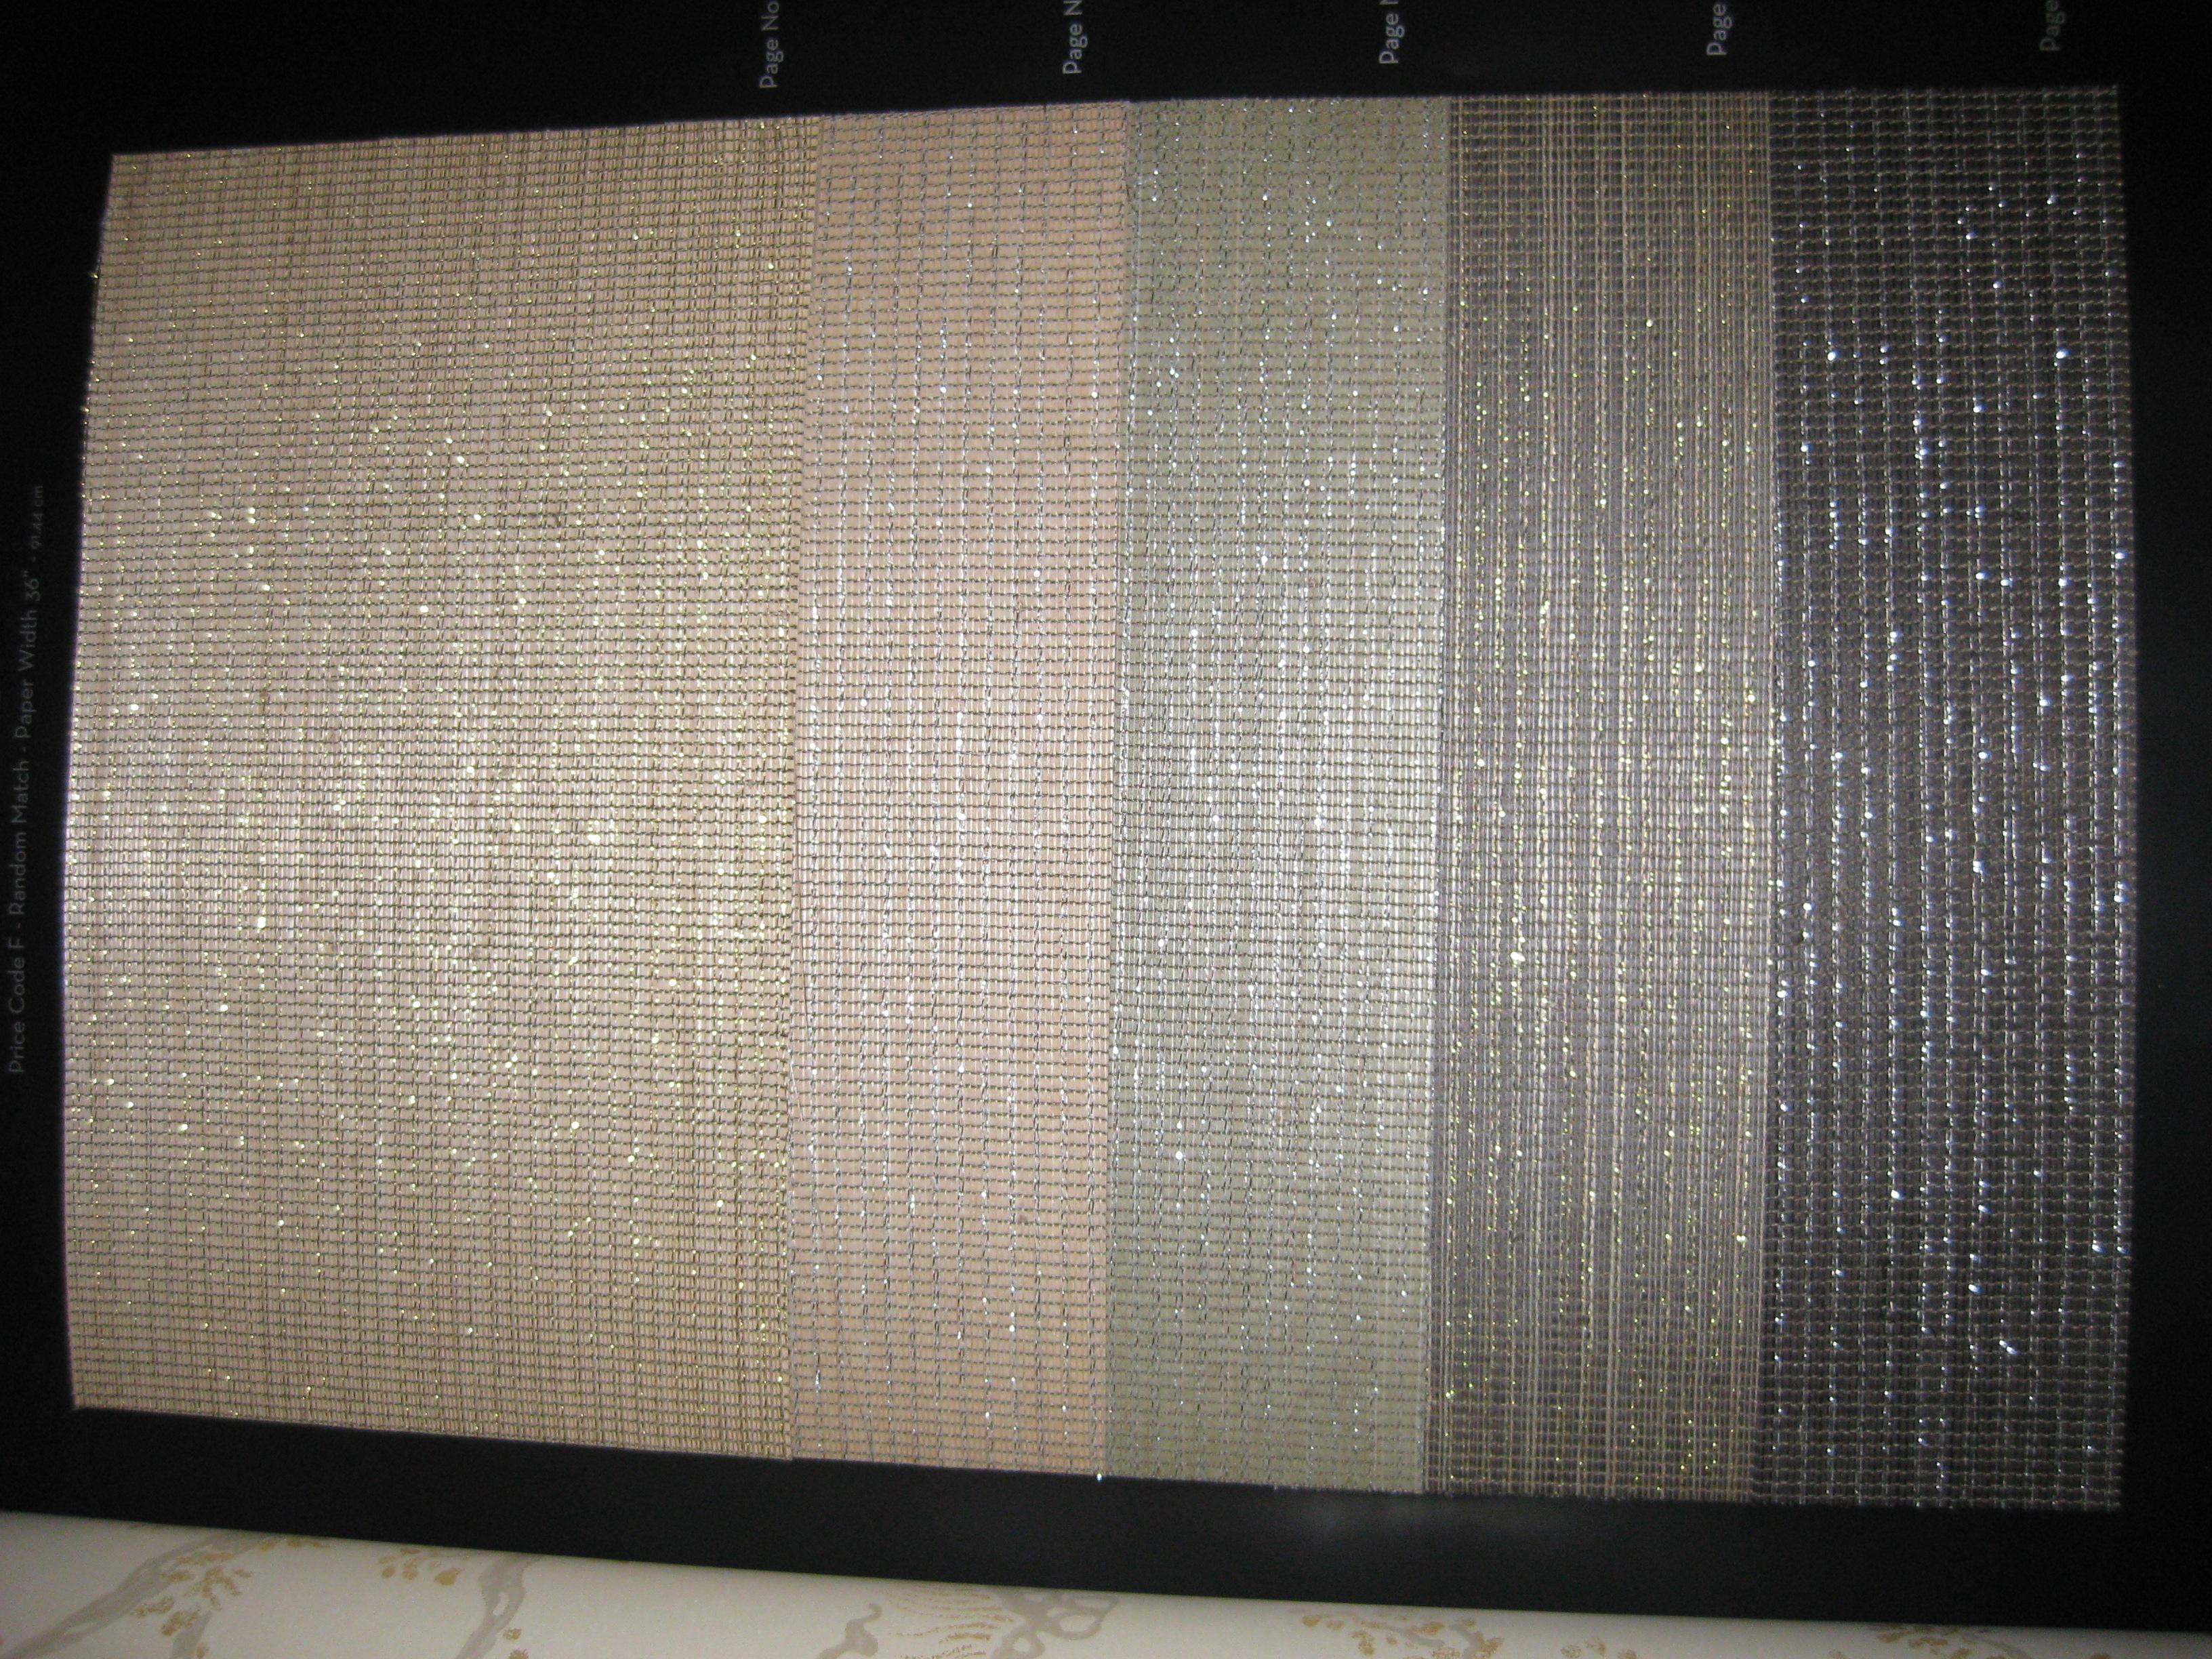 Sherwin Williams prices are 1500030000 The Illuminata wallpaper 3264x2448